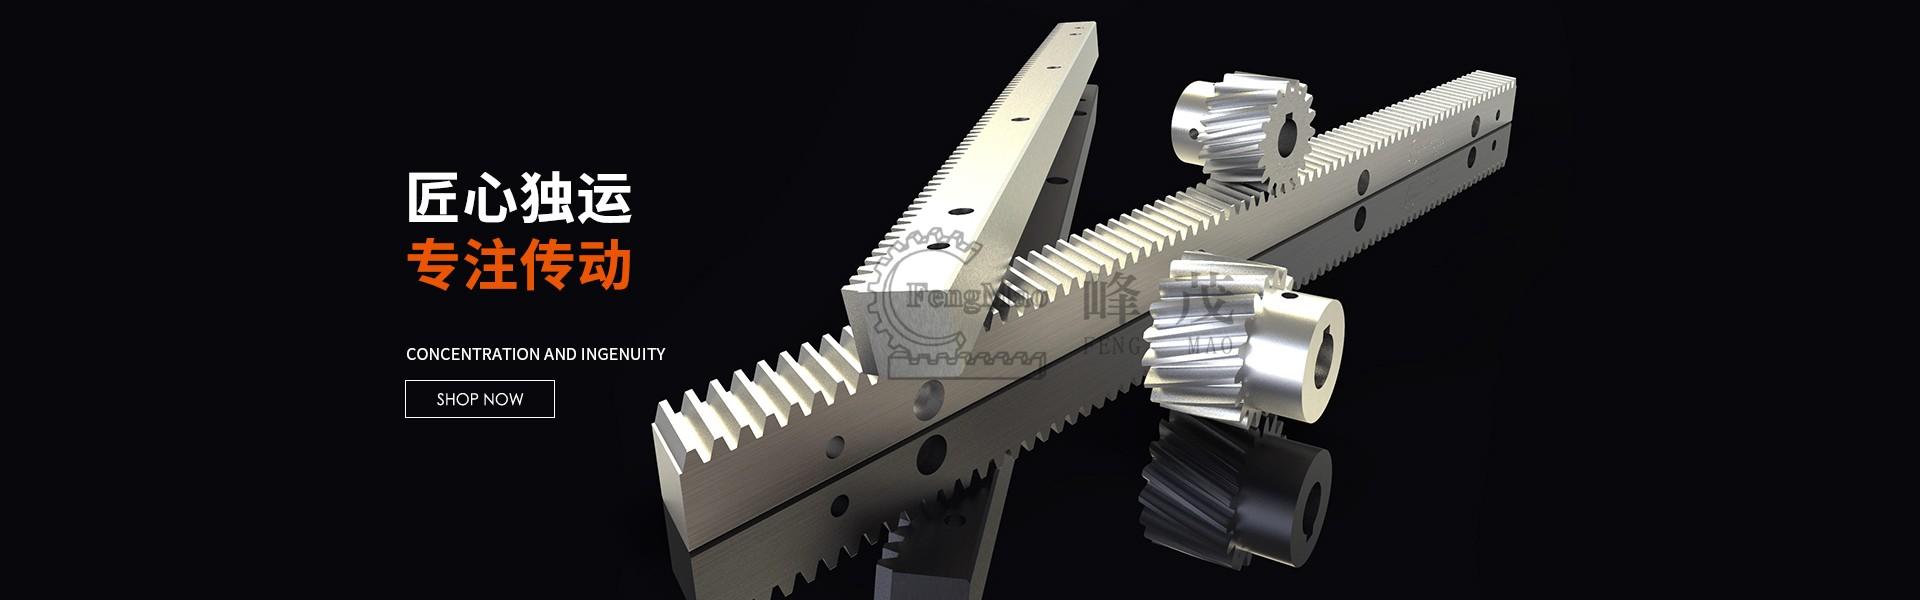 高精密齿轮齿条加工厂家,台湾进口品牌